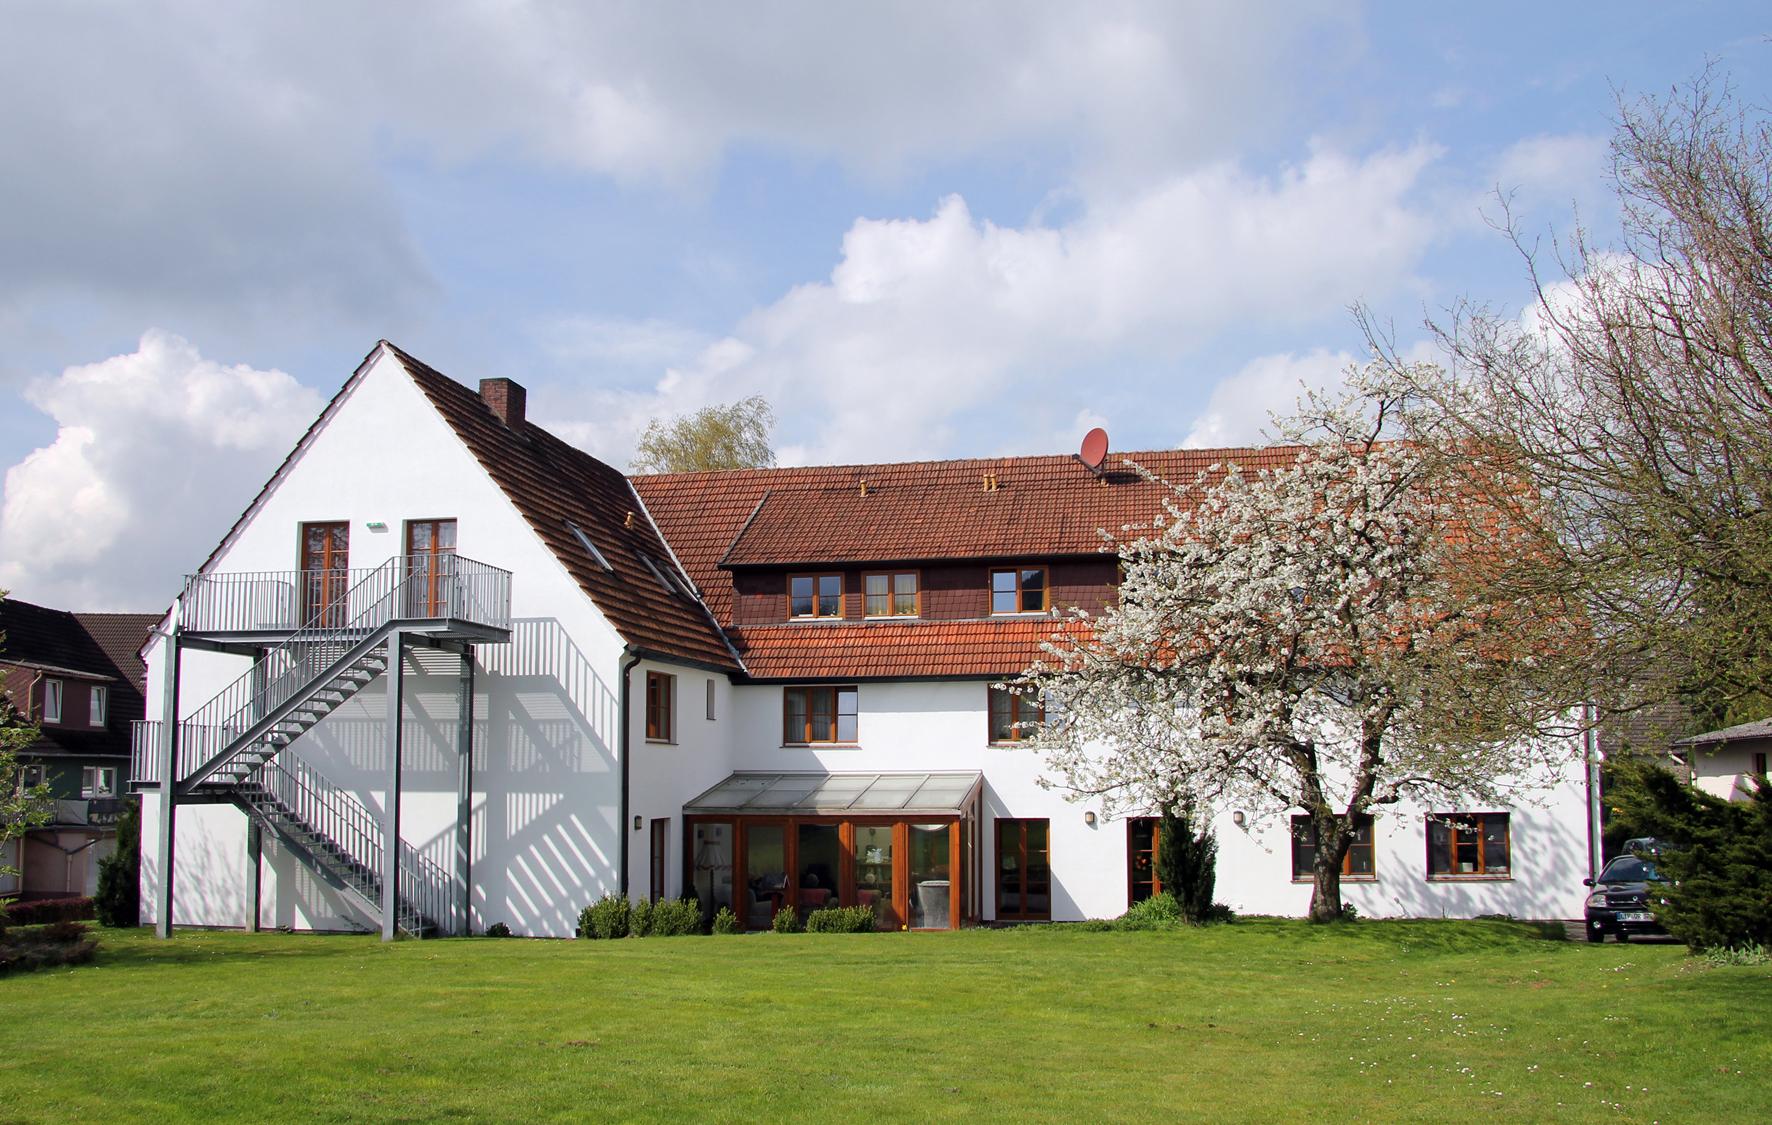 Eichenhof Neuenkirchen